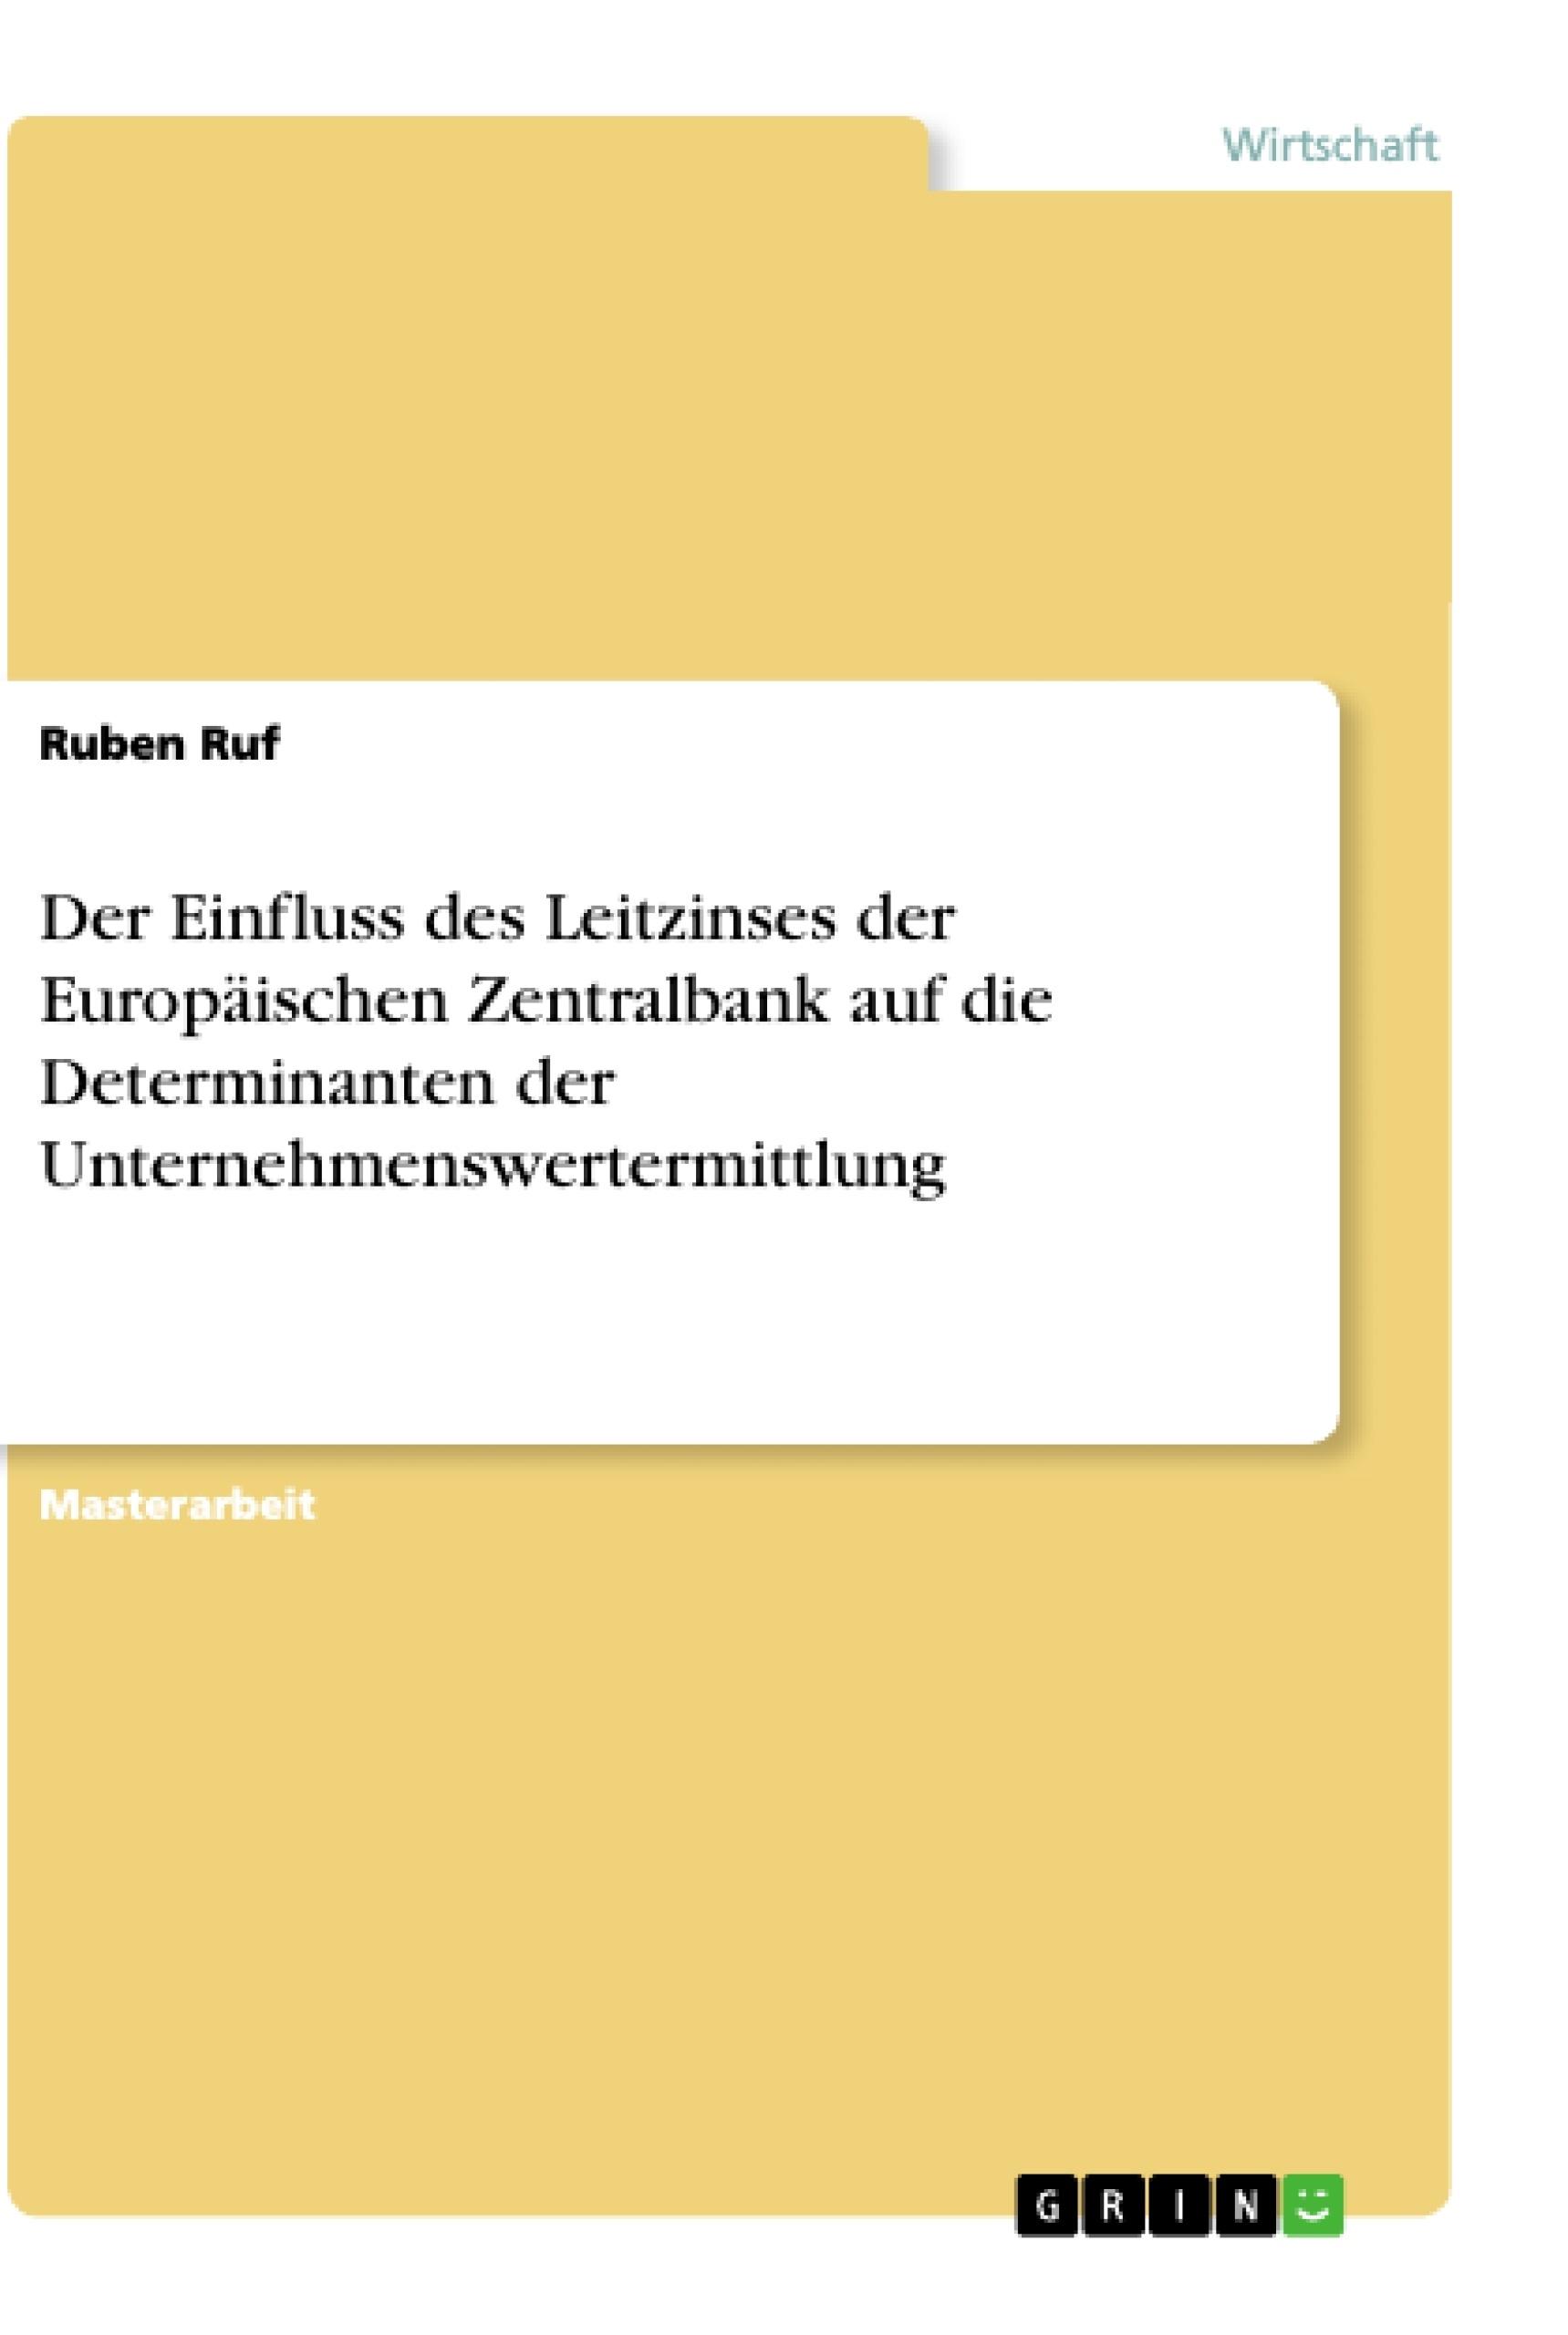 Titel: Der Einfluss des Leitzinses der Europäischen Zentralbank auf die Determinanten der Unternehmenswertermittlung